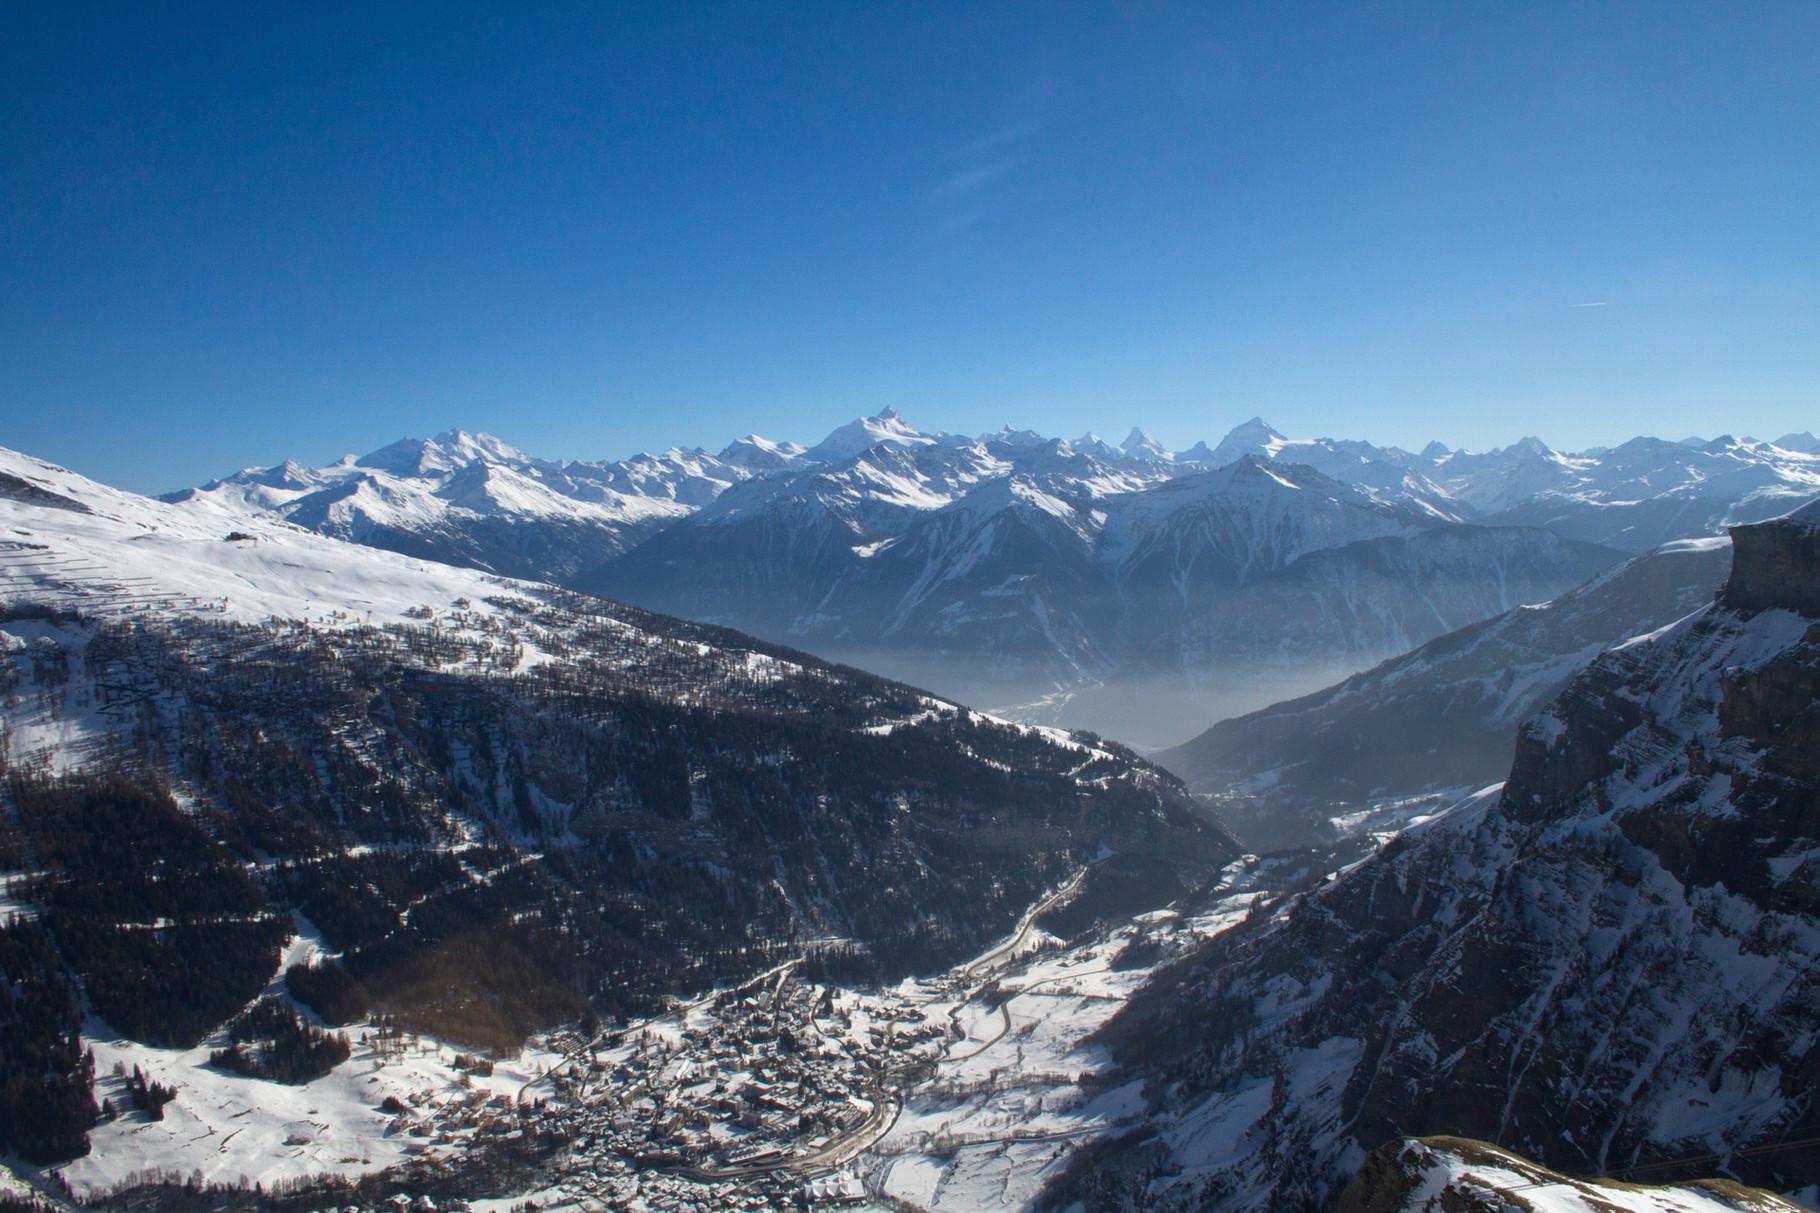 Blick auf Leukerbad und die Walliser Alpen (rechts der Bildmitte das Matterhorn).